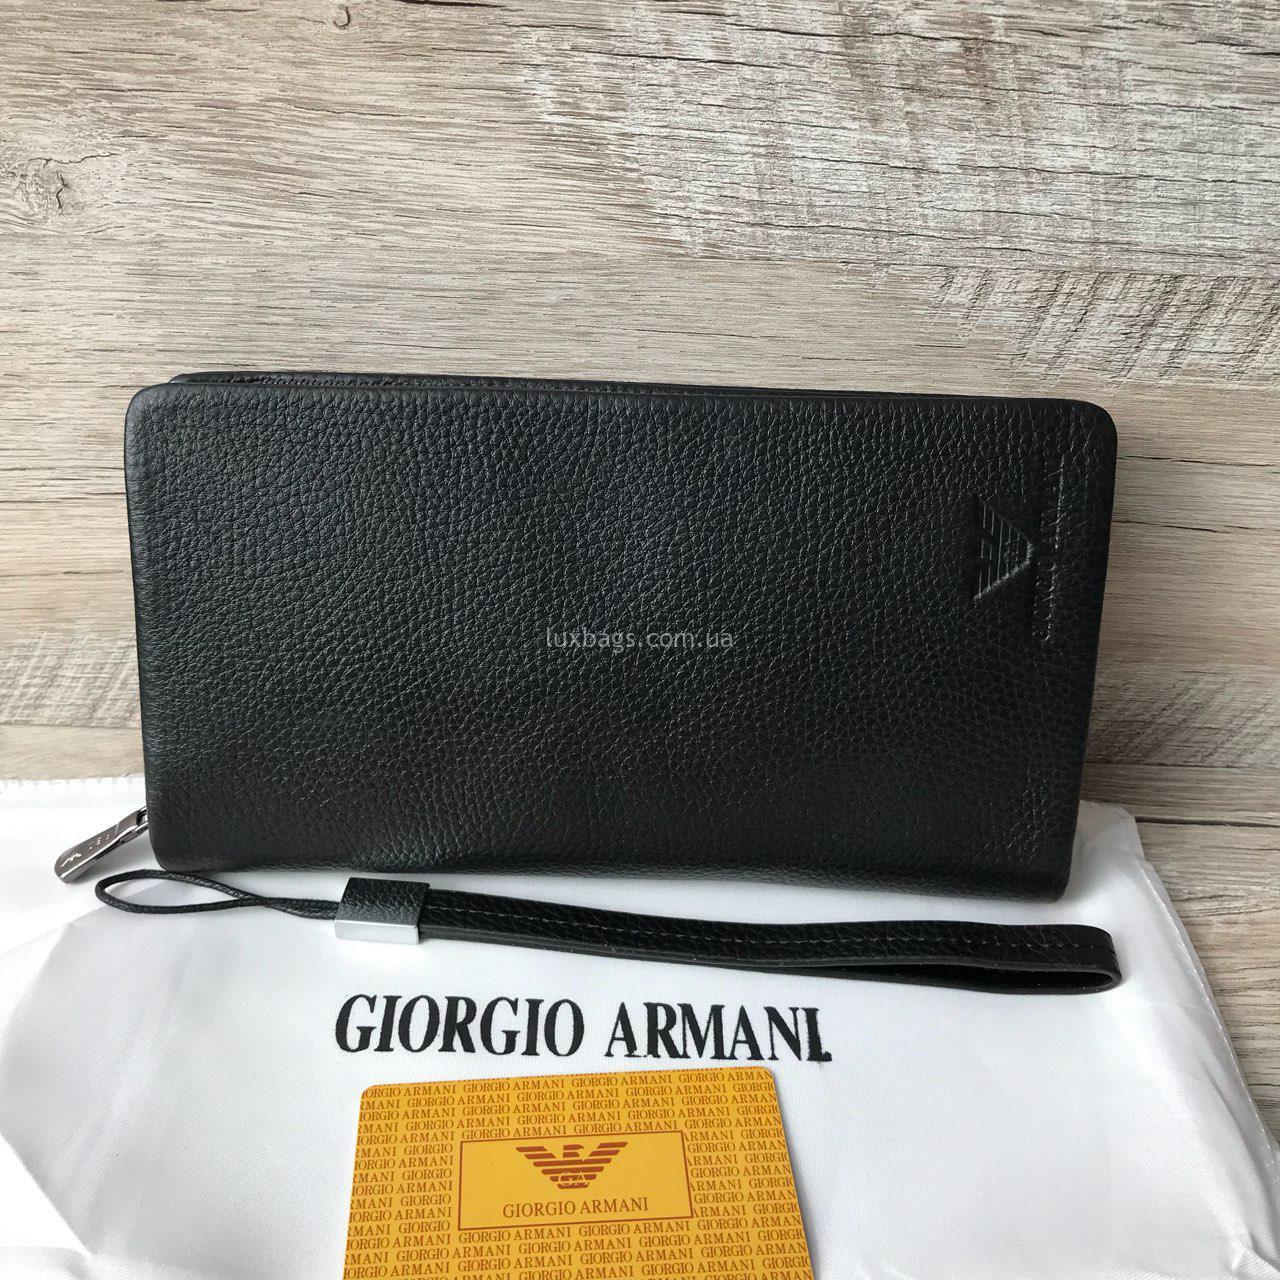 780b4edce232 Мужской кожаный клатч Armani (Армани) Купить в Украине